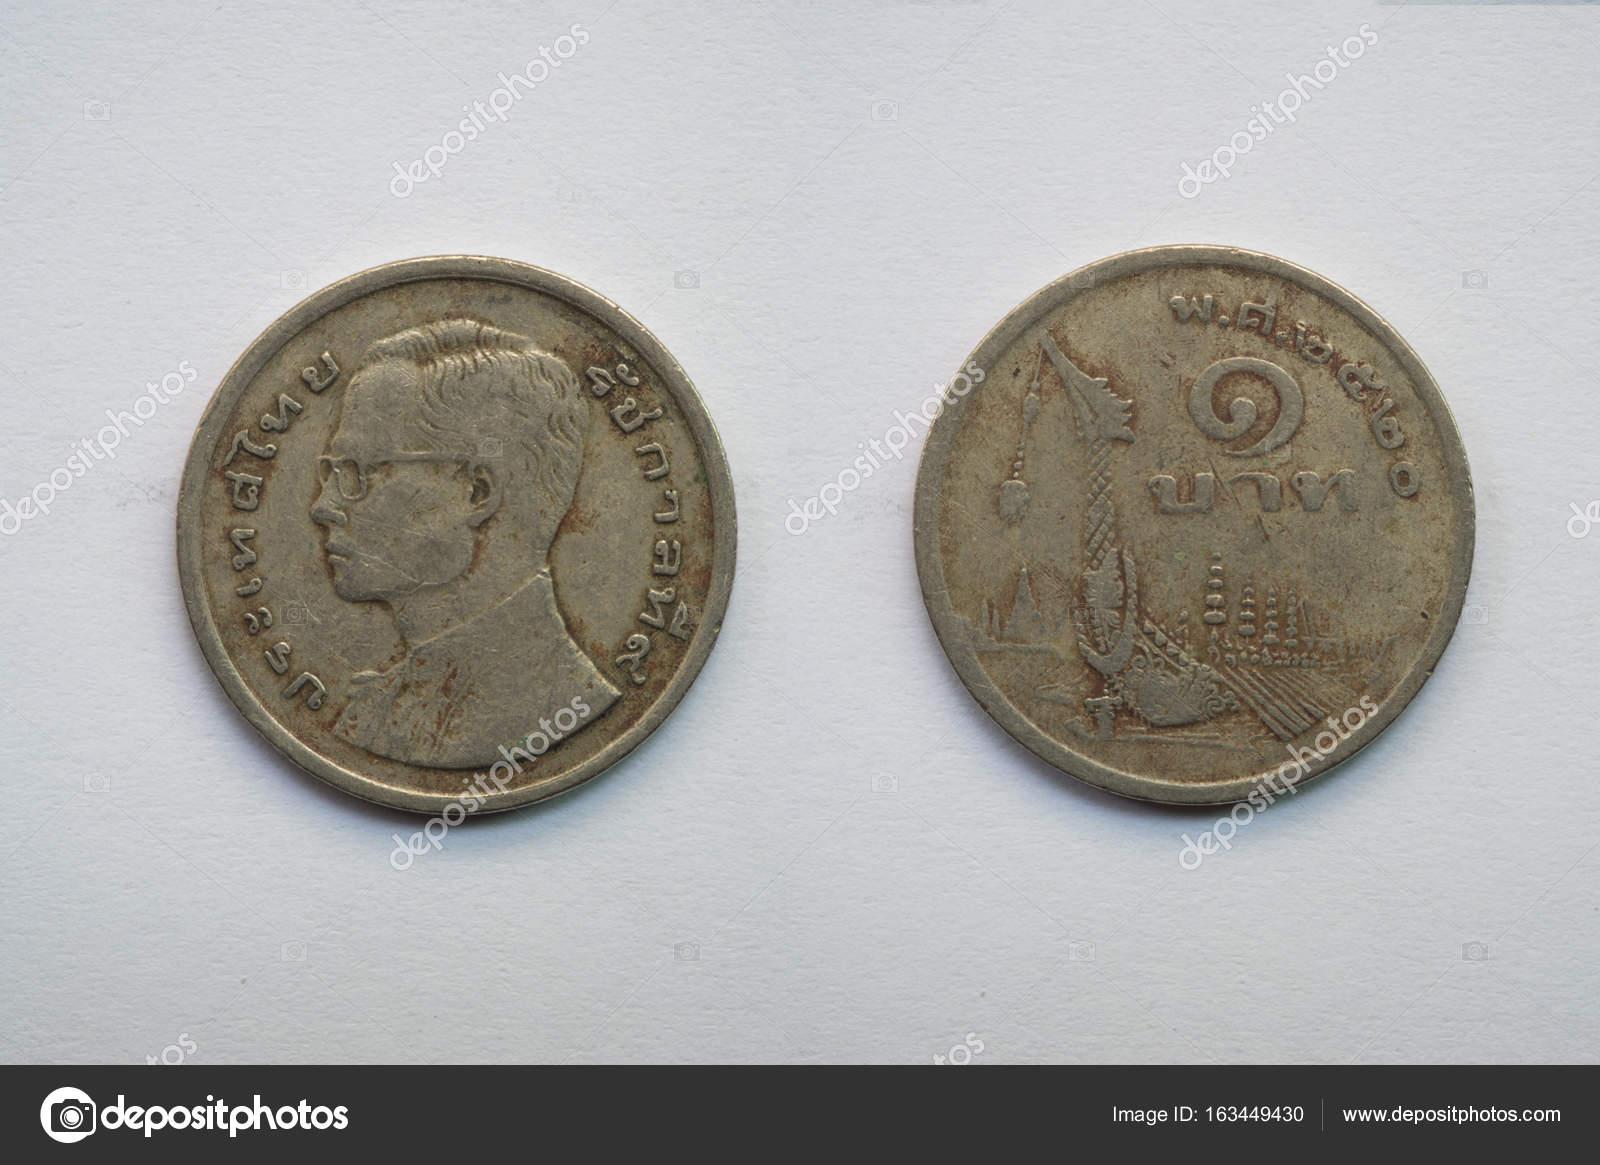 Alten Thailändischen Münze Auf Weißem Hintergrund 1 Baht Be 2520